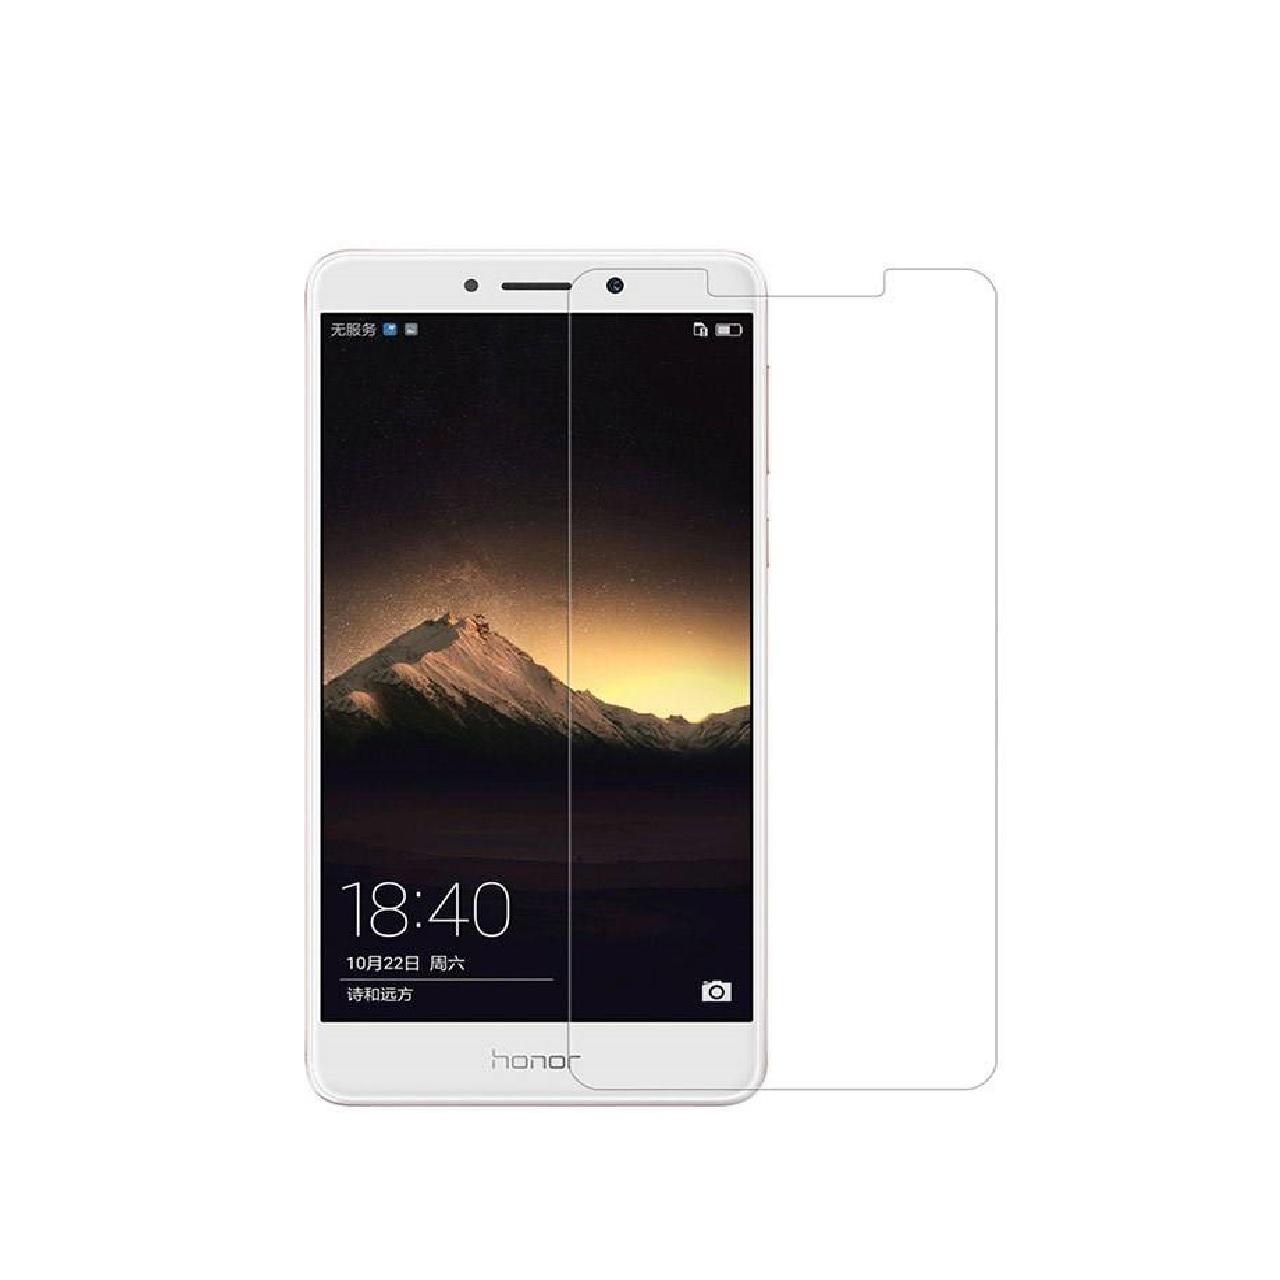 محافظ صفحه نمایش شیشه ای تمپرد مدل Special مناسب برای گوشی موبایل هوآوی Honor 6X